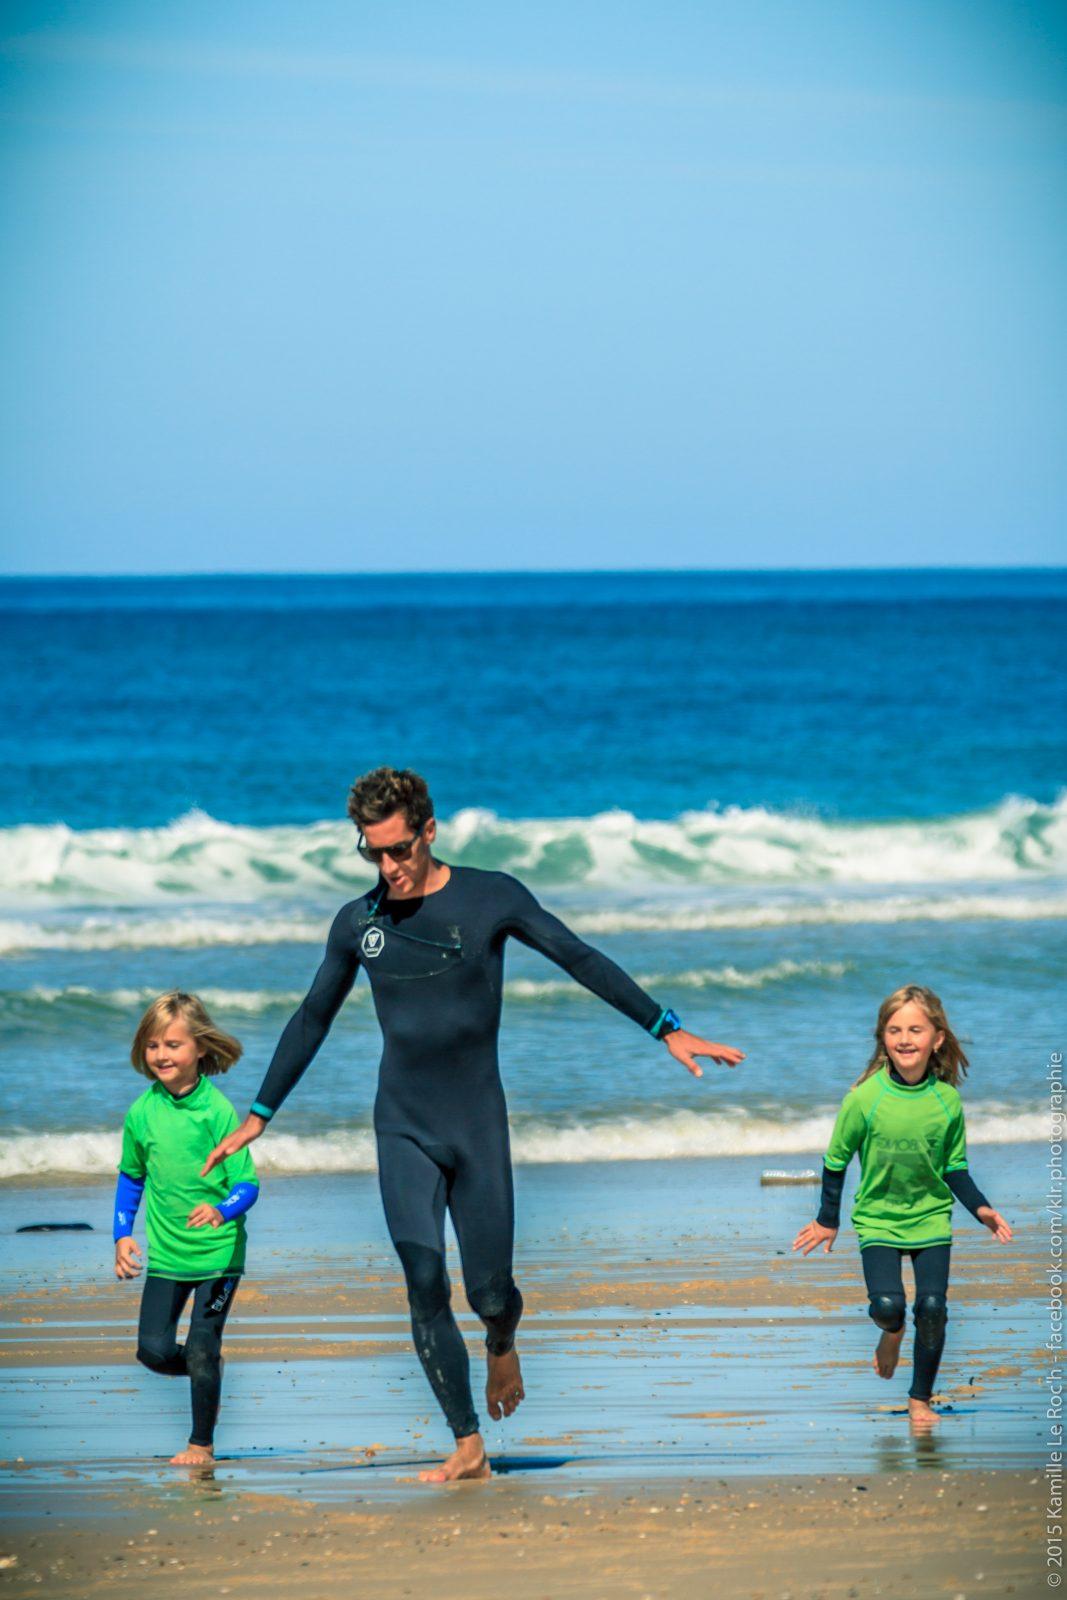 Pirate Surfing Surf Lacanau (3)